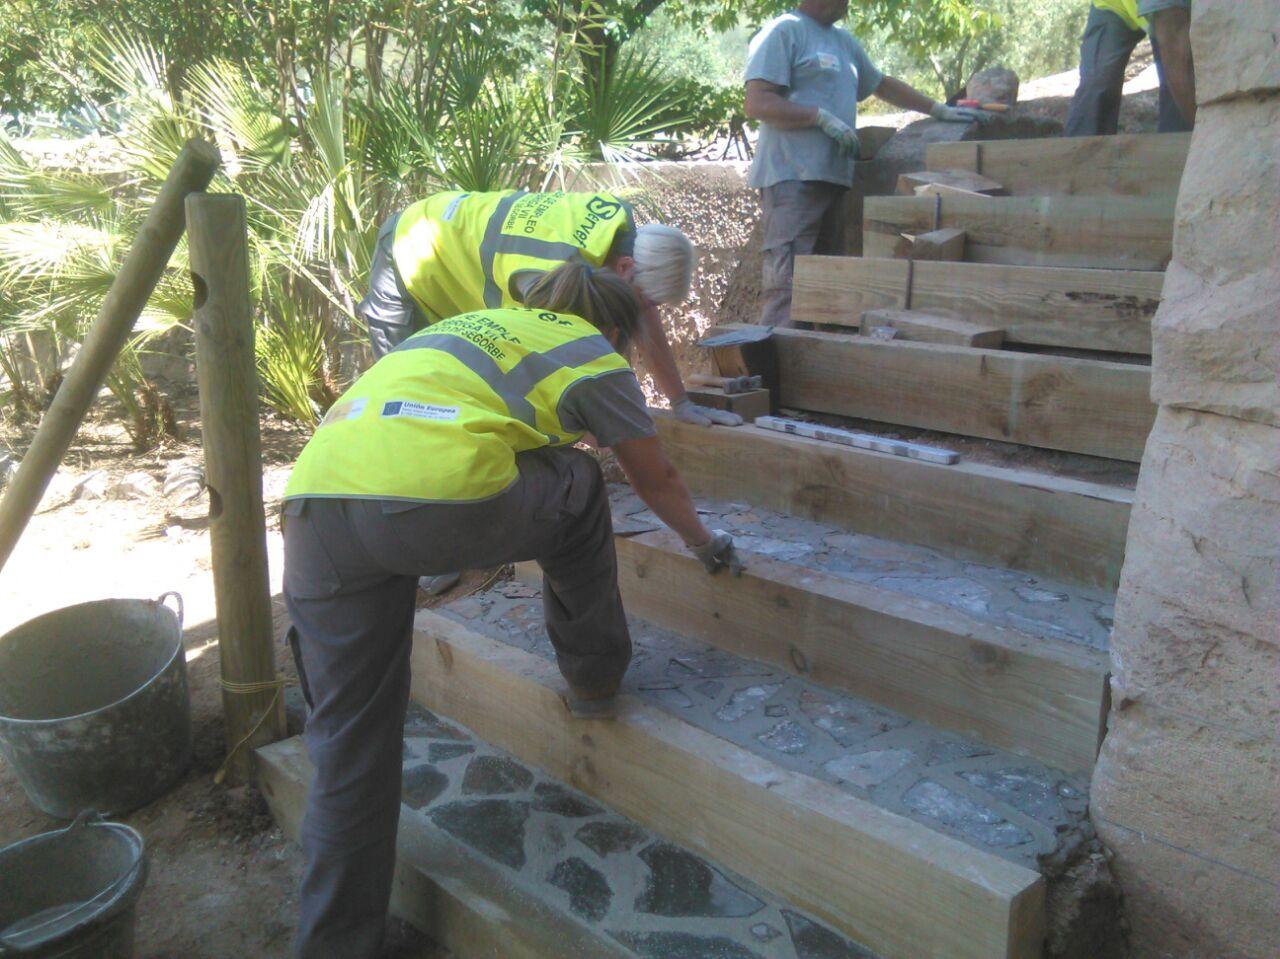 Taller de empleo seg briga vii escaleras y jardineras for Barandales de madera para jardin